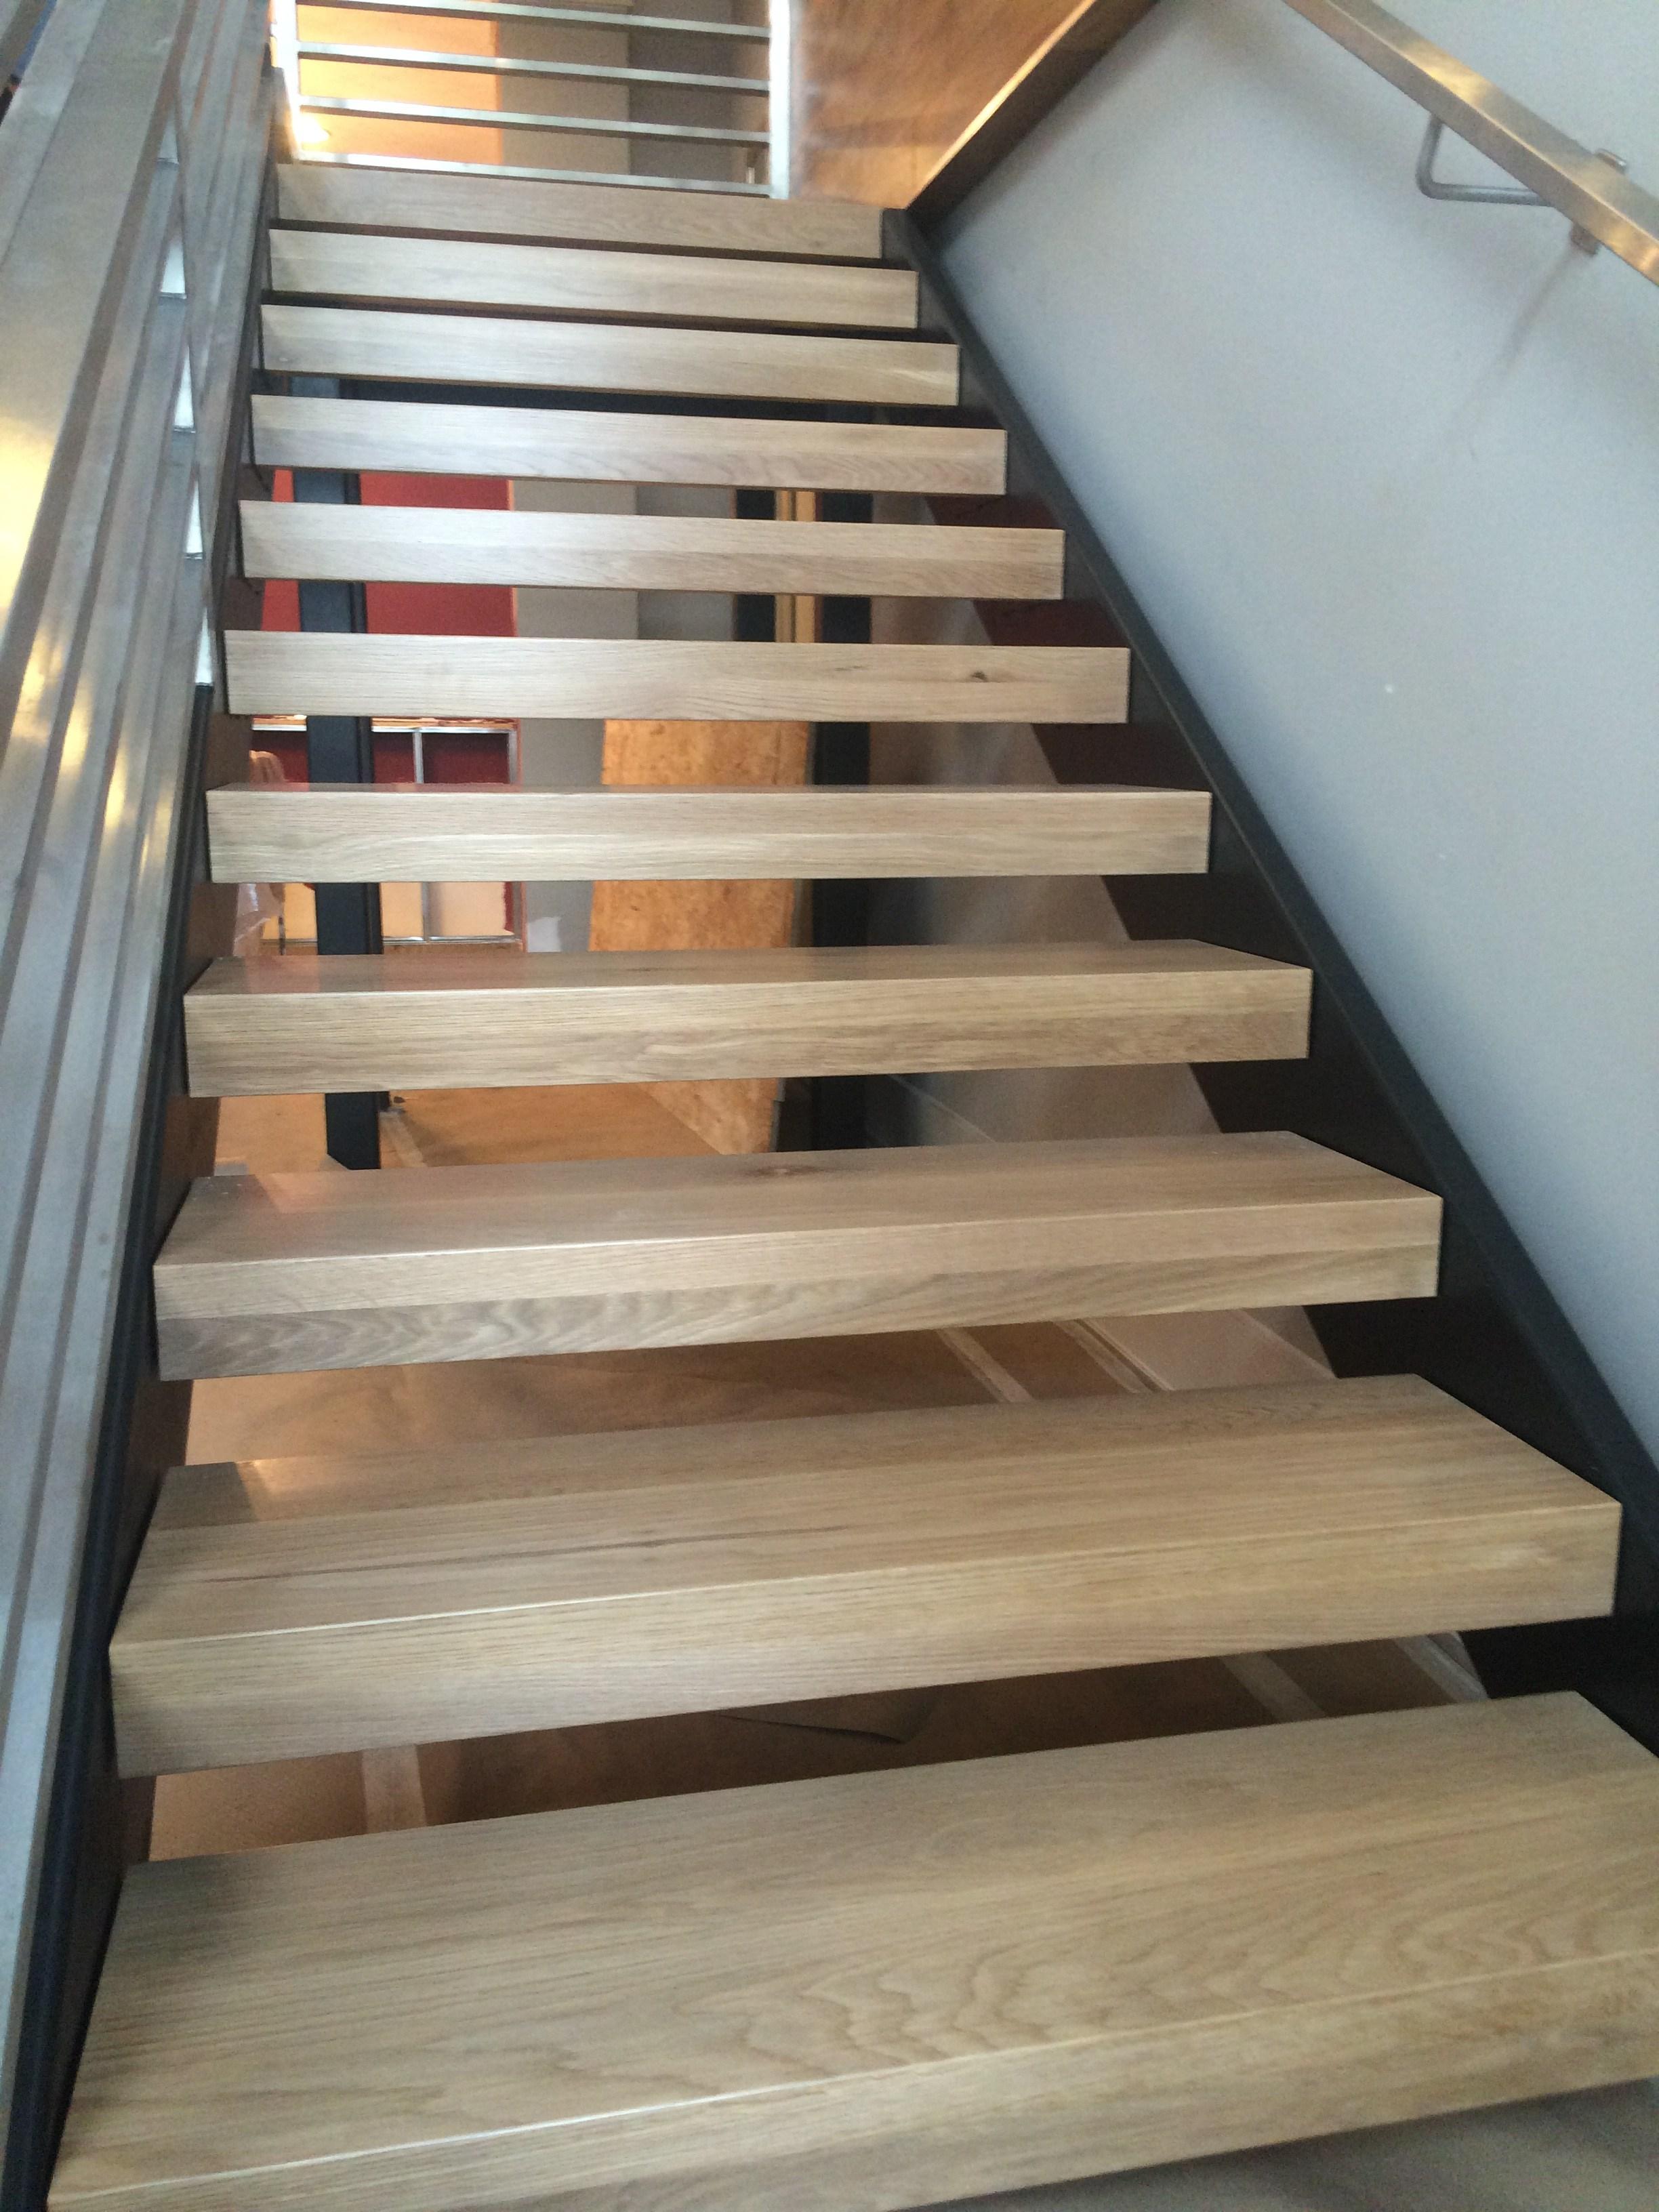 Commercial White Oak Stair Treads – Mekkelek Custom | Custom Oak Stair Treads